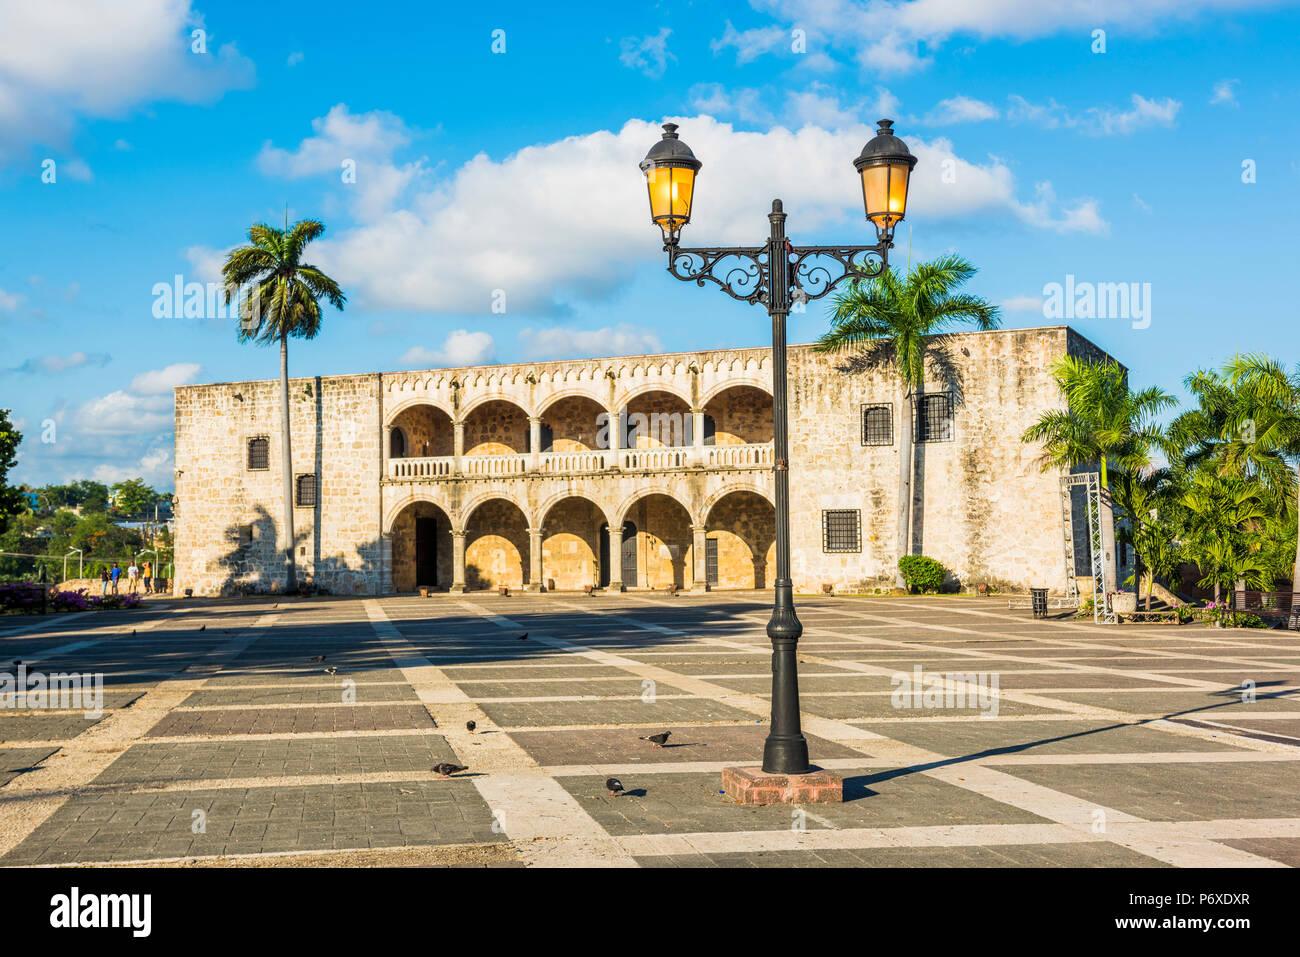 Zona Colonial (Ciudad Colonial), Santo Domingo, República Dominicana. Alcázar de Colón (Columbus) Palacio de Alcázar. Imagen De Stock